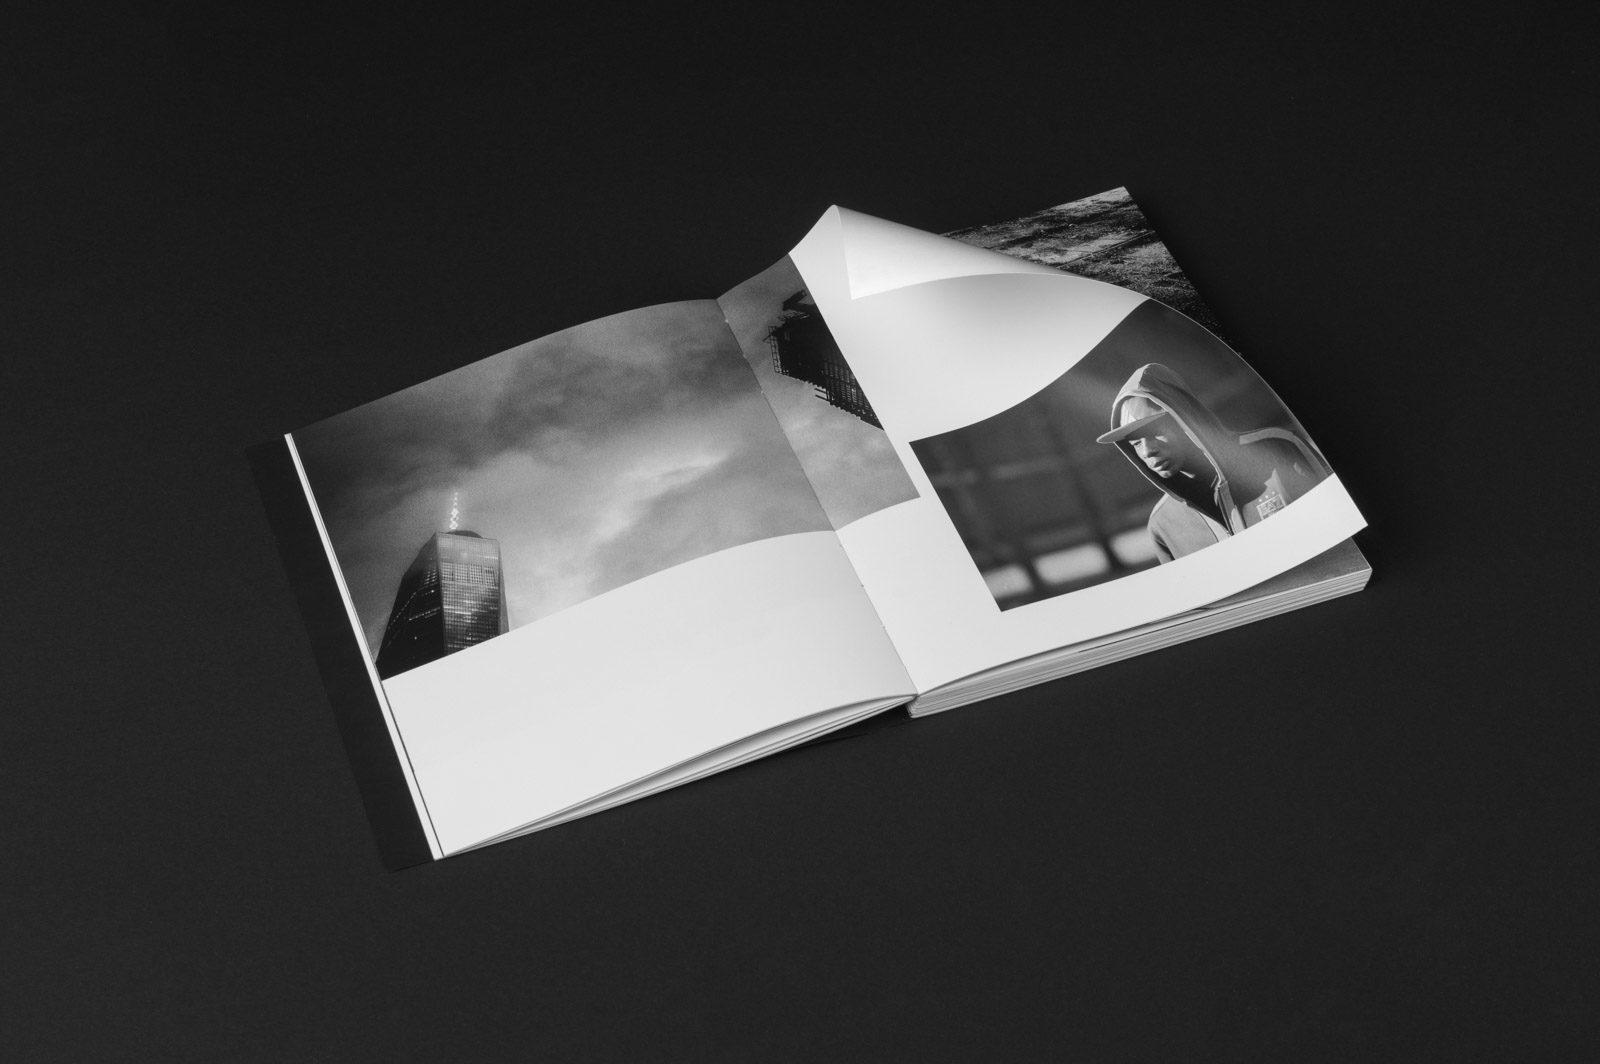 Editienne Grafikdesign - Kommunikationsdesign Berlin- Buchgestaltung und Coverdesign Fotobuch Out of Place 4